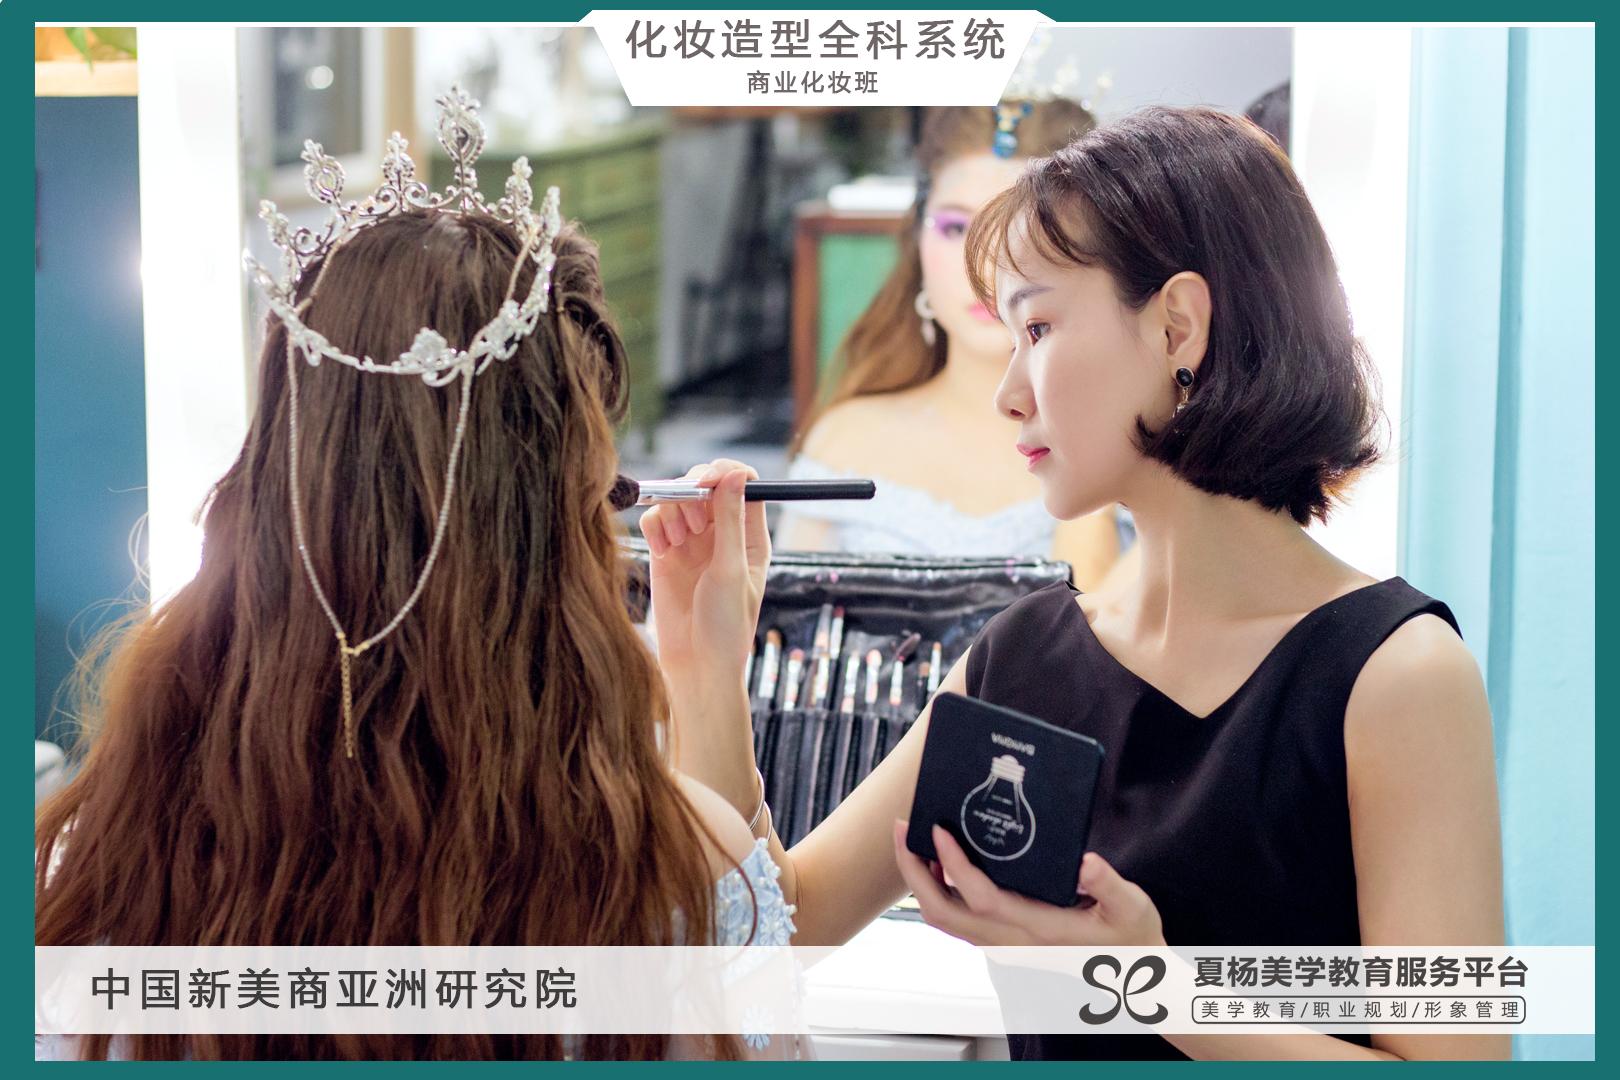 如何才能快速的成为一名化妆师